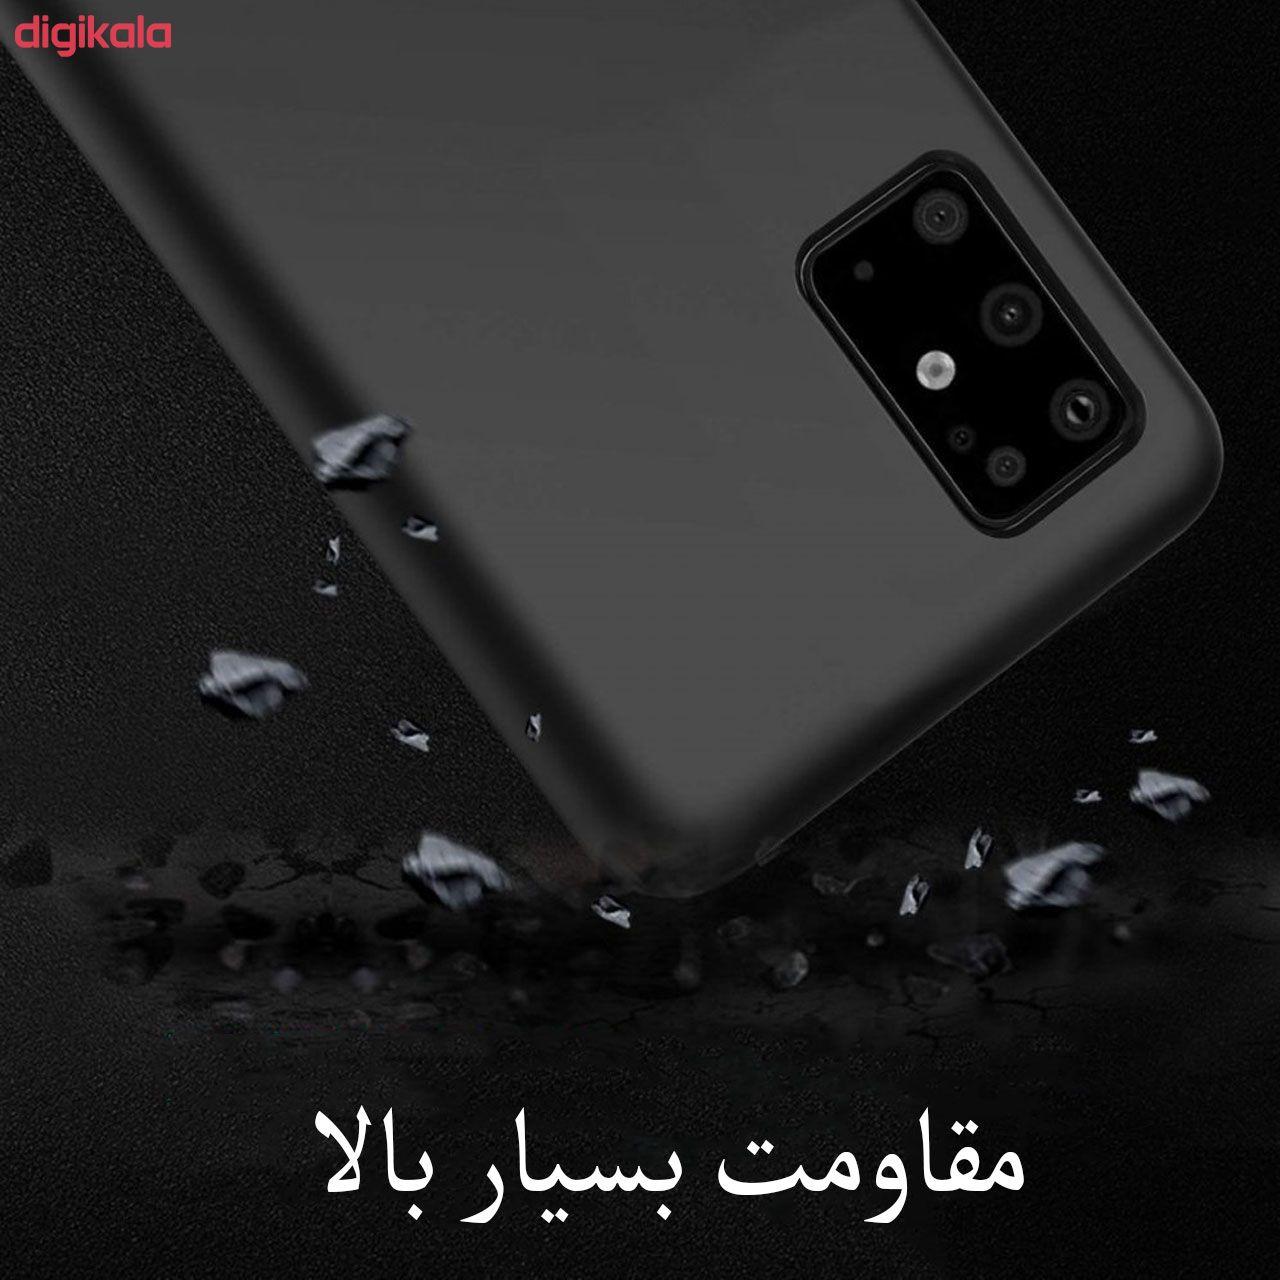 کاور مدل SLCN مناسب برای گوشی موبایل سامسونگ Galaxy A71 main 1 13